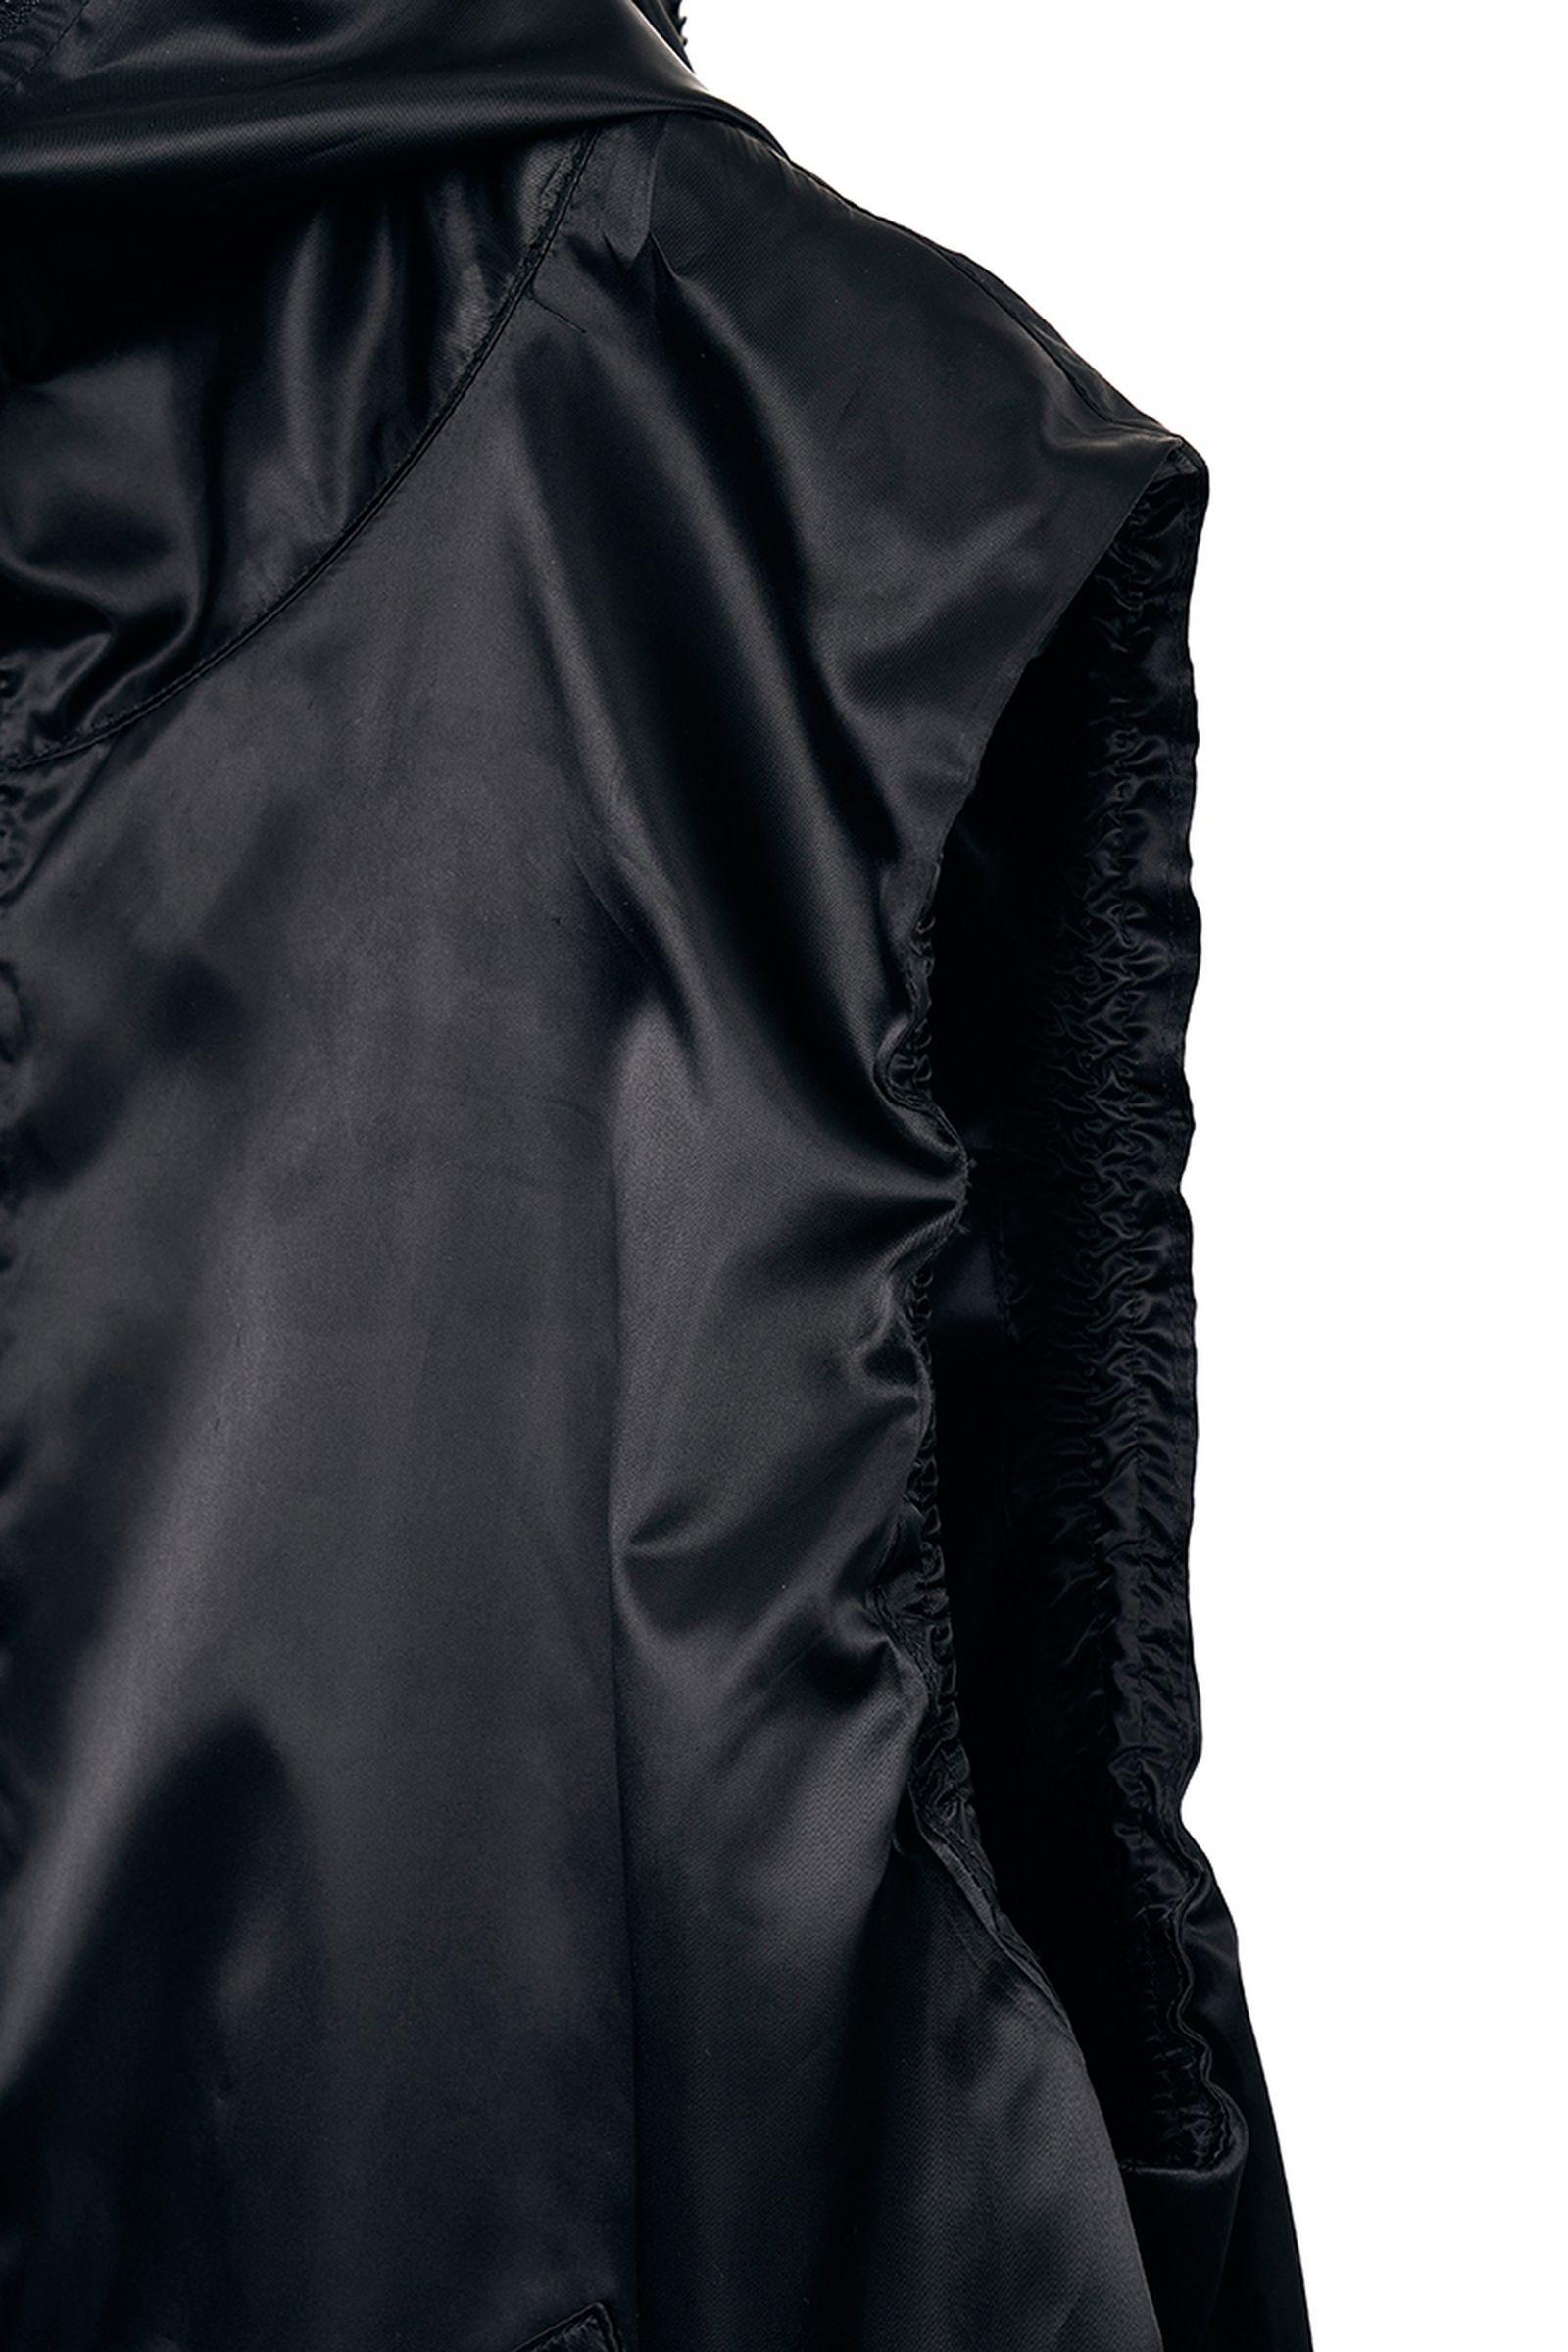 taiga liona fan cooled clothing (11)